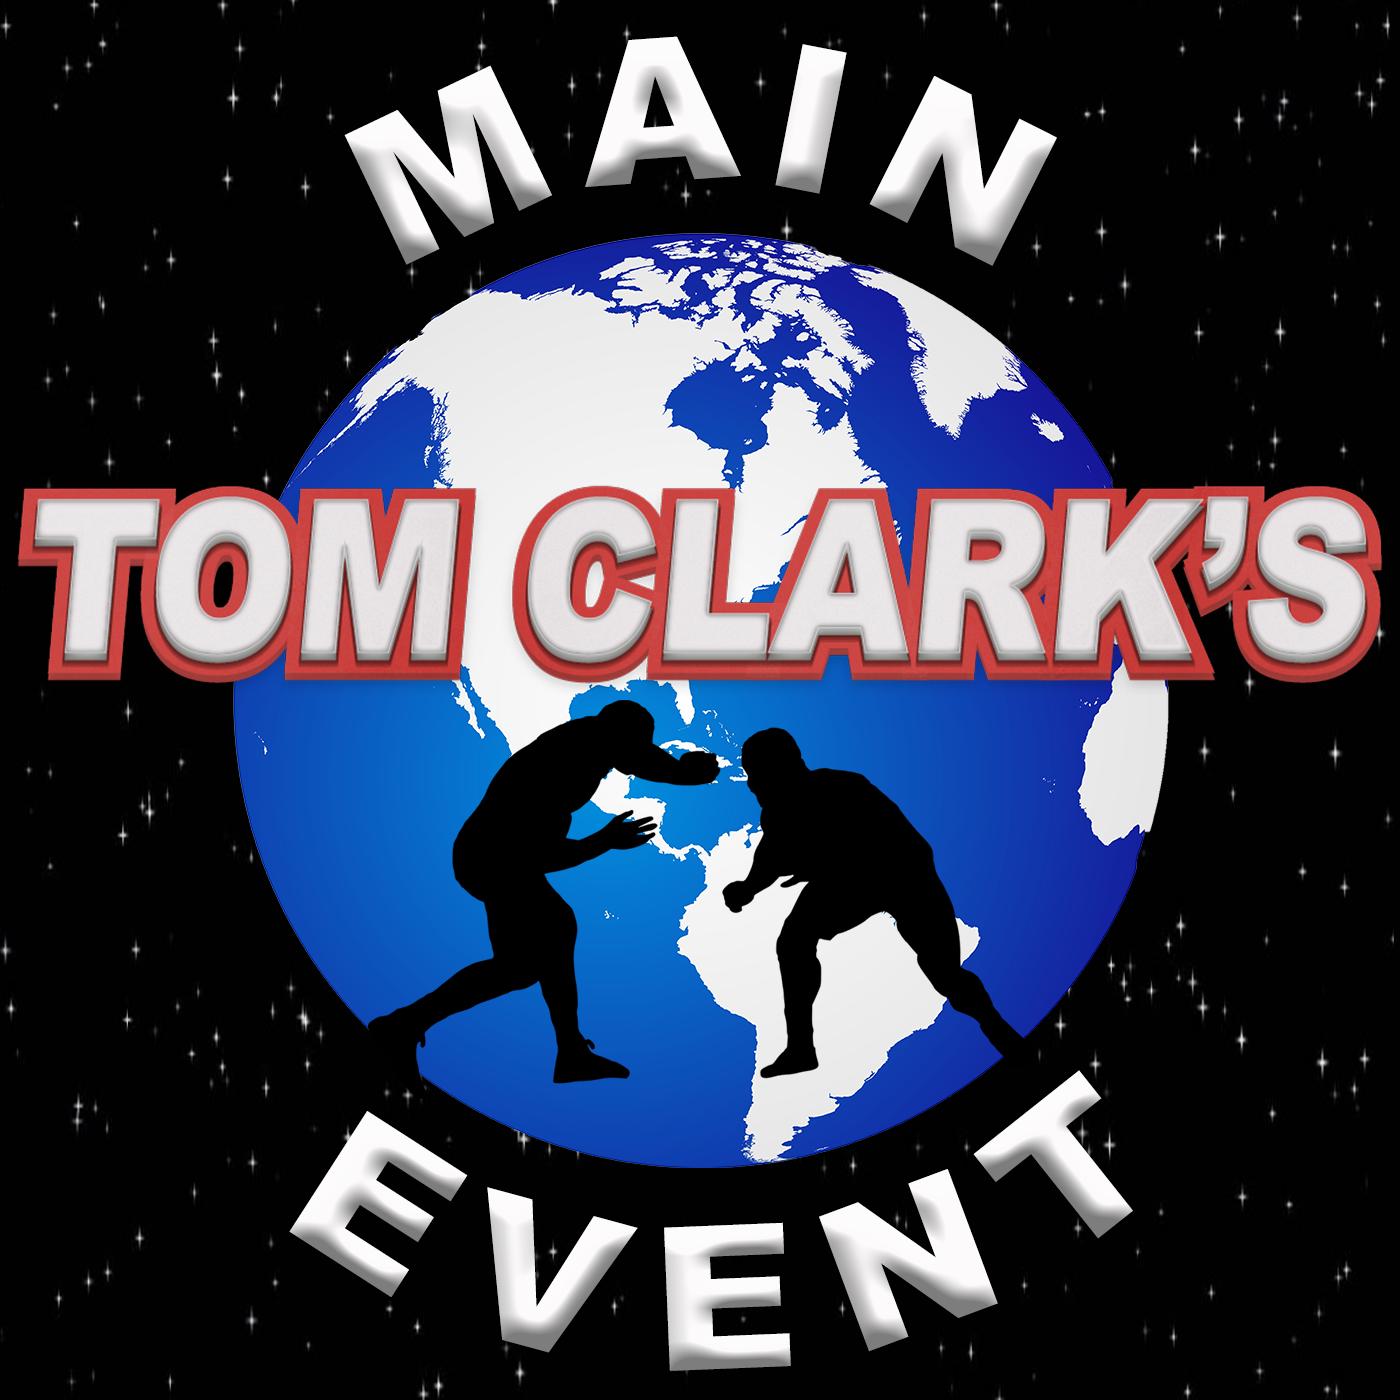 Tom Clark's Main Event show art